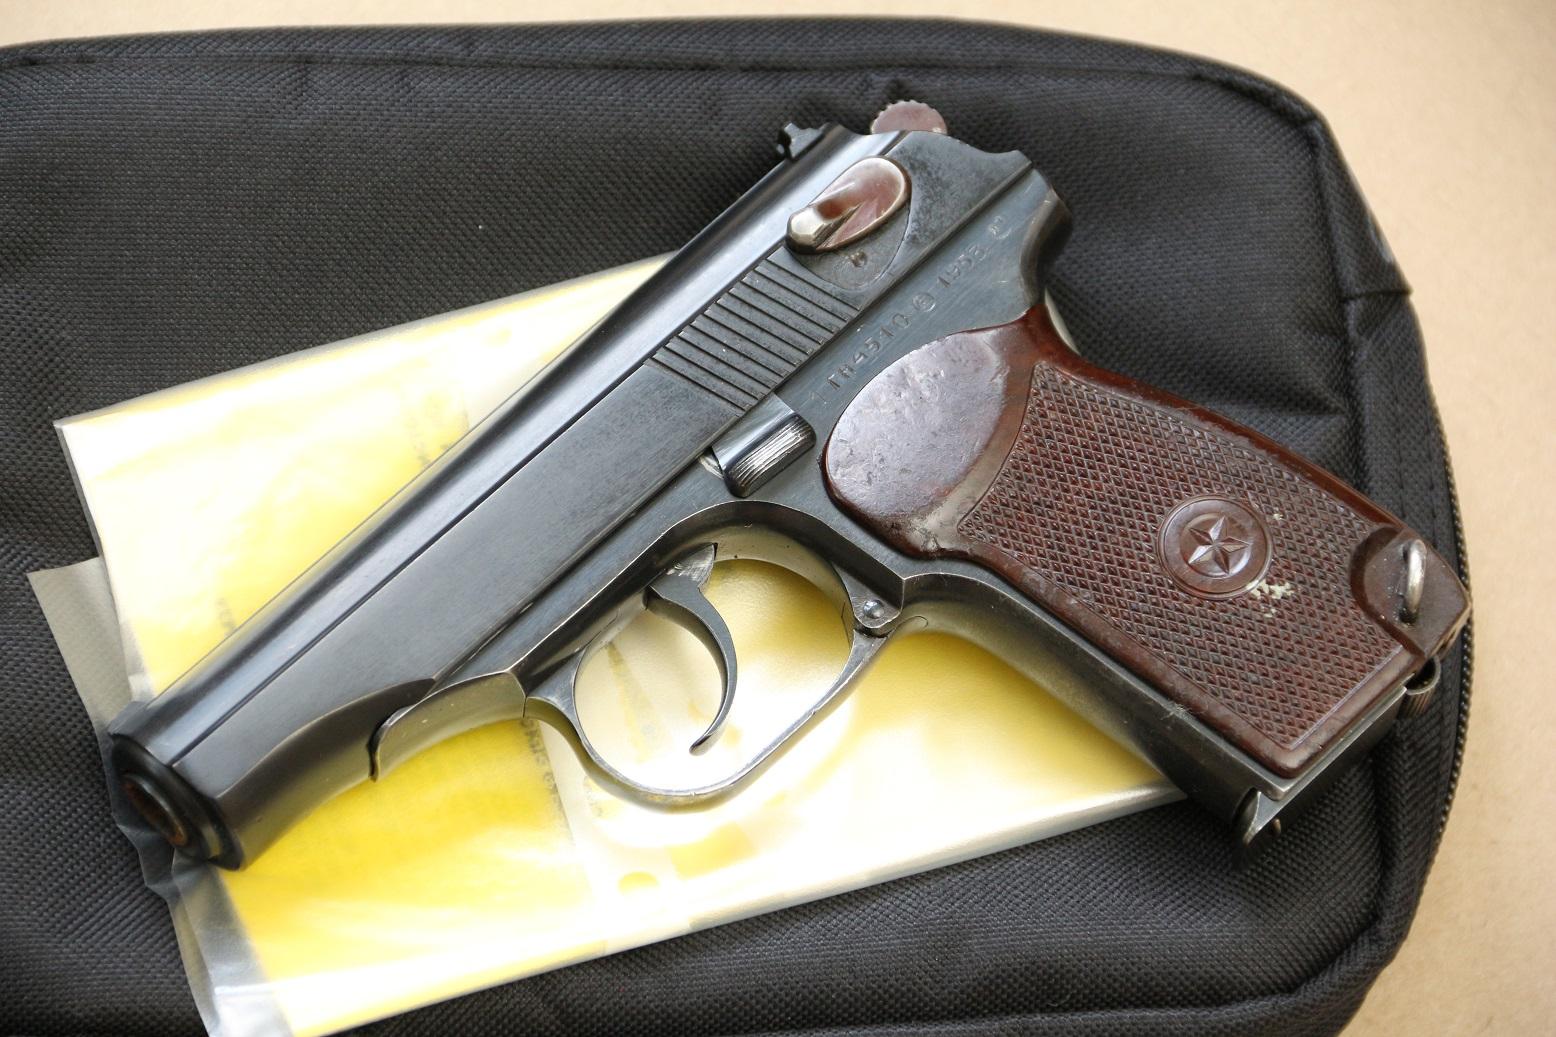 Охолощенный пистолет Макарова ПМ-СХ 1953 года, №ГН 4510, деактив 2020 года